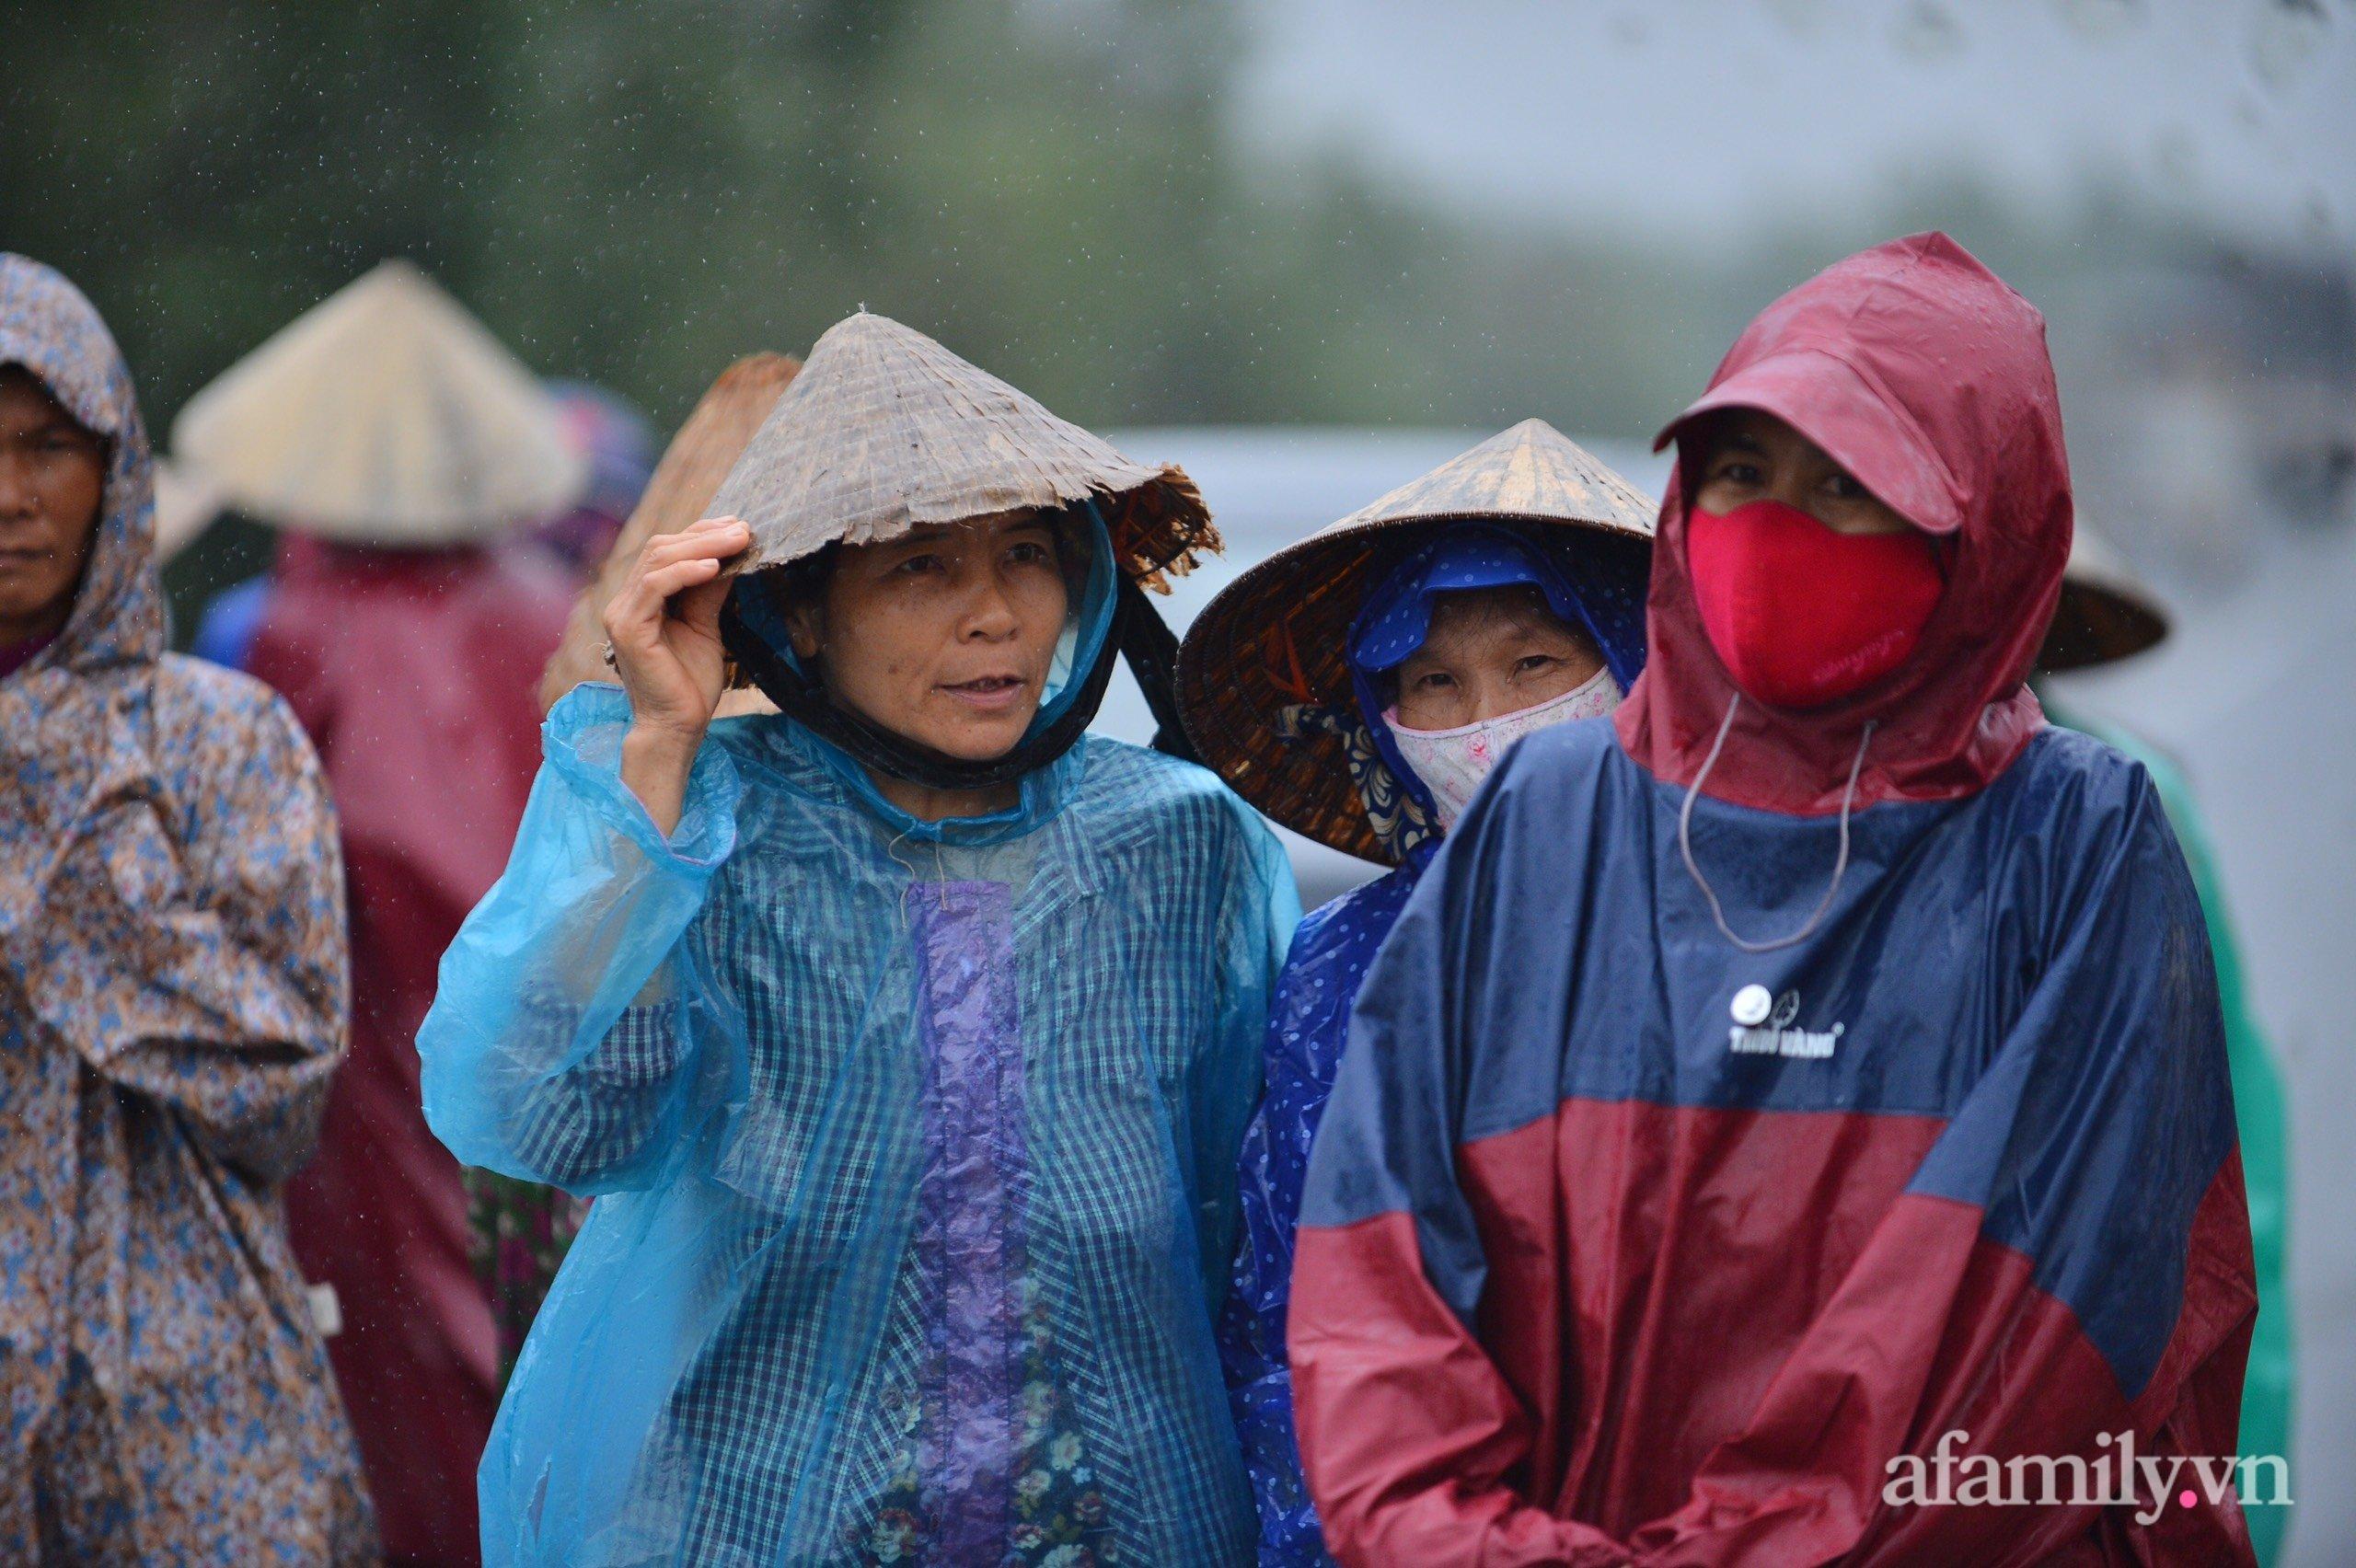 Quảng Bình: Nhà ngập sâu trong trận lũ lịch sử, người lớn, trẻ nhỏ đội mưa vượt hơn 1km băng đồi cát ra quốc lộ xin cứu trợ 4